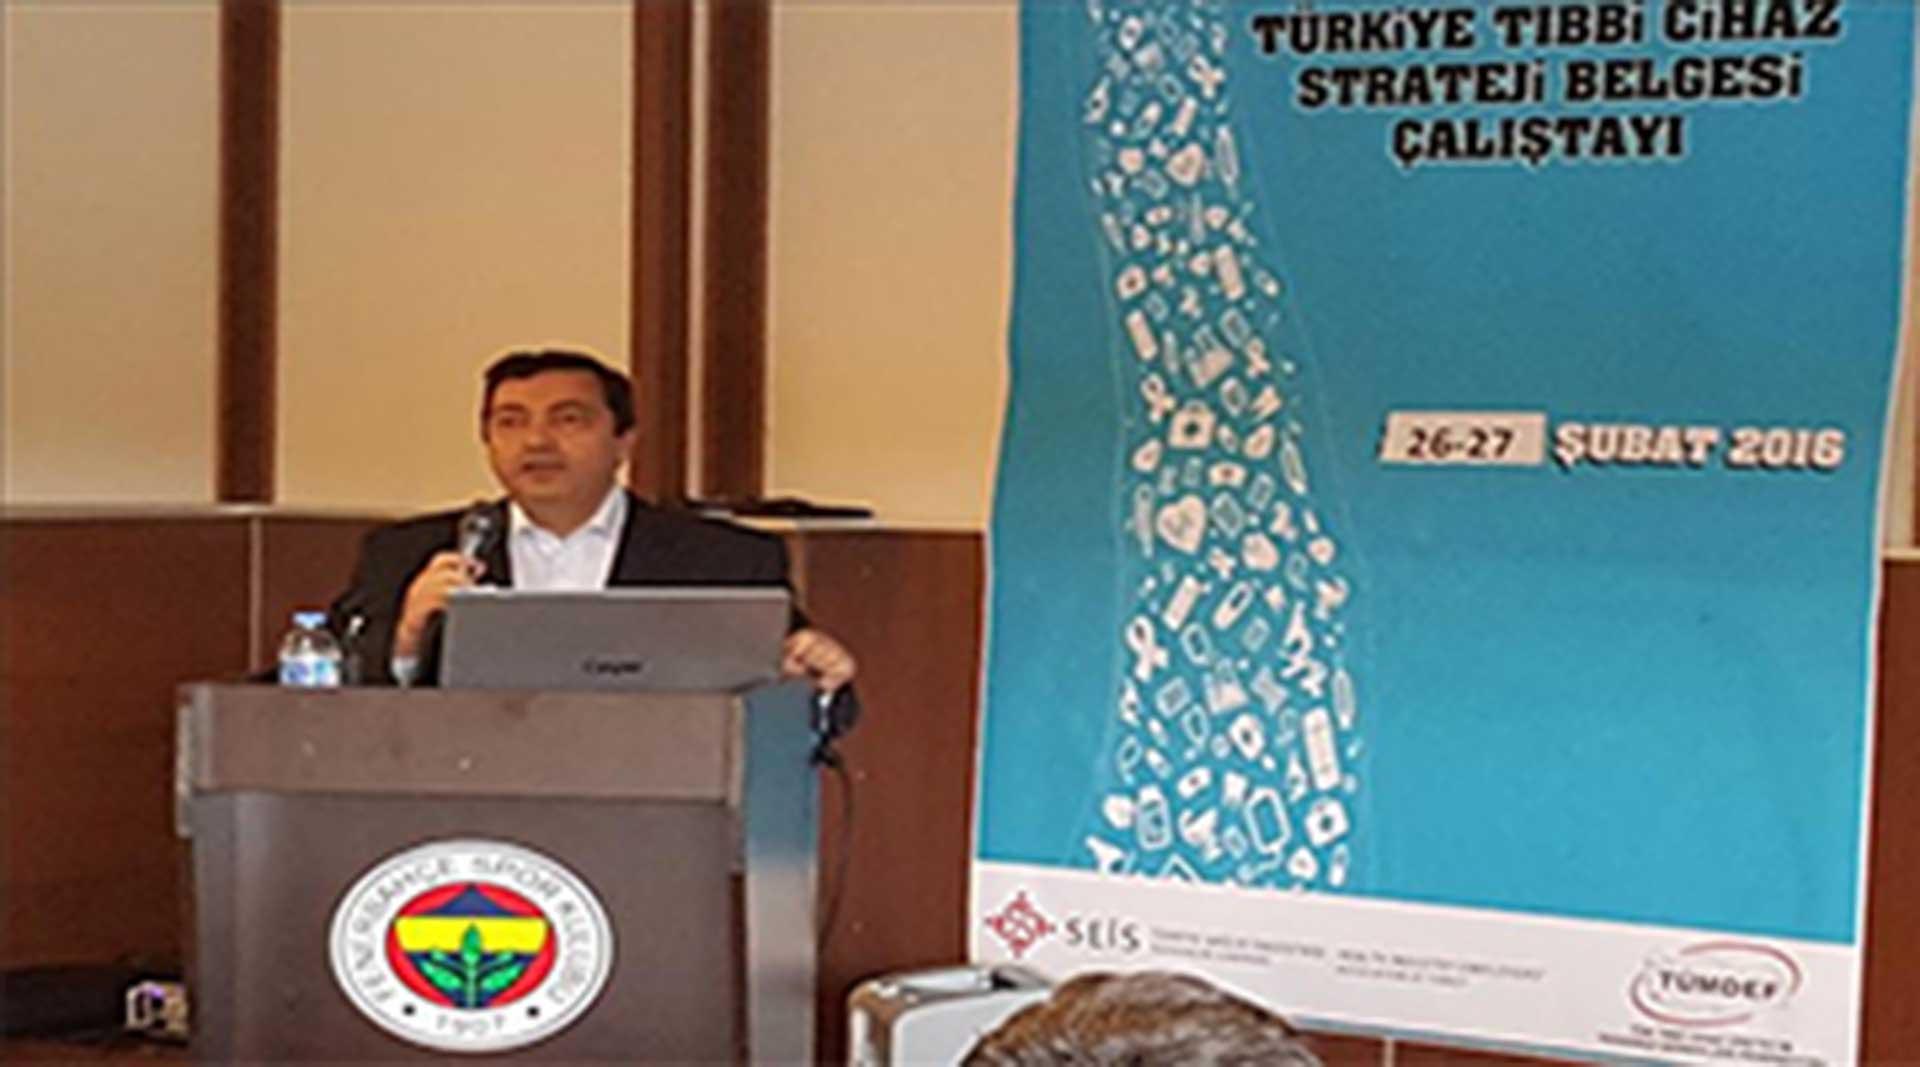 ÇALIŞTAY- SEİS Başkanı Metin DEMİR açılış konuşmasında...